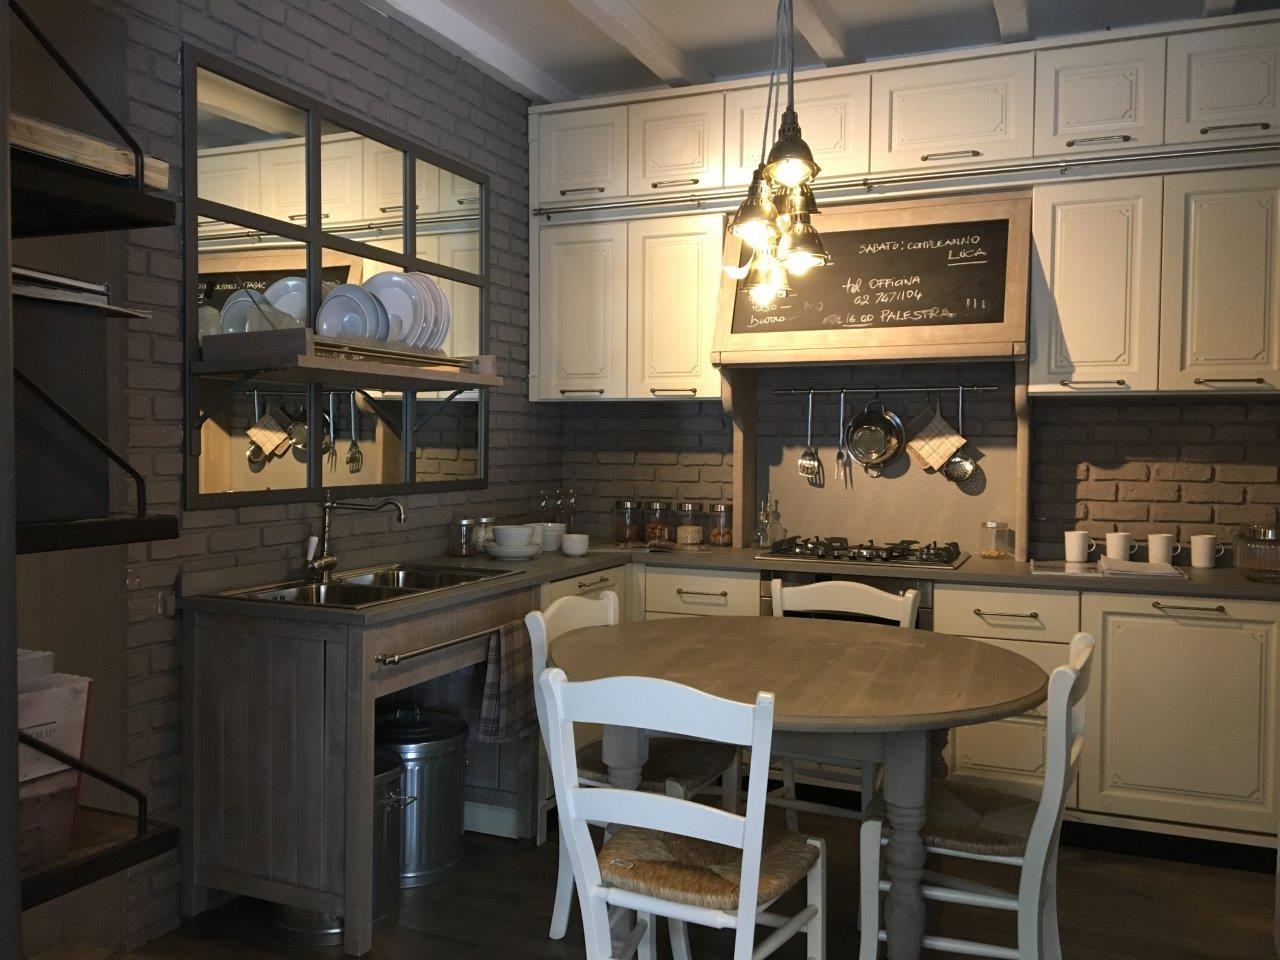 Marchi cucine cucina nolita scontato del 40 cucine a - Cucine marchi prezzi ...